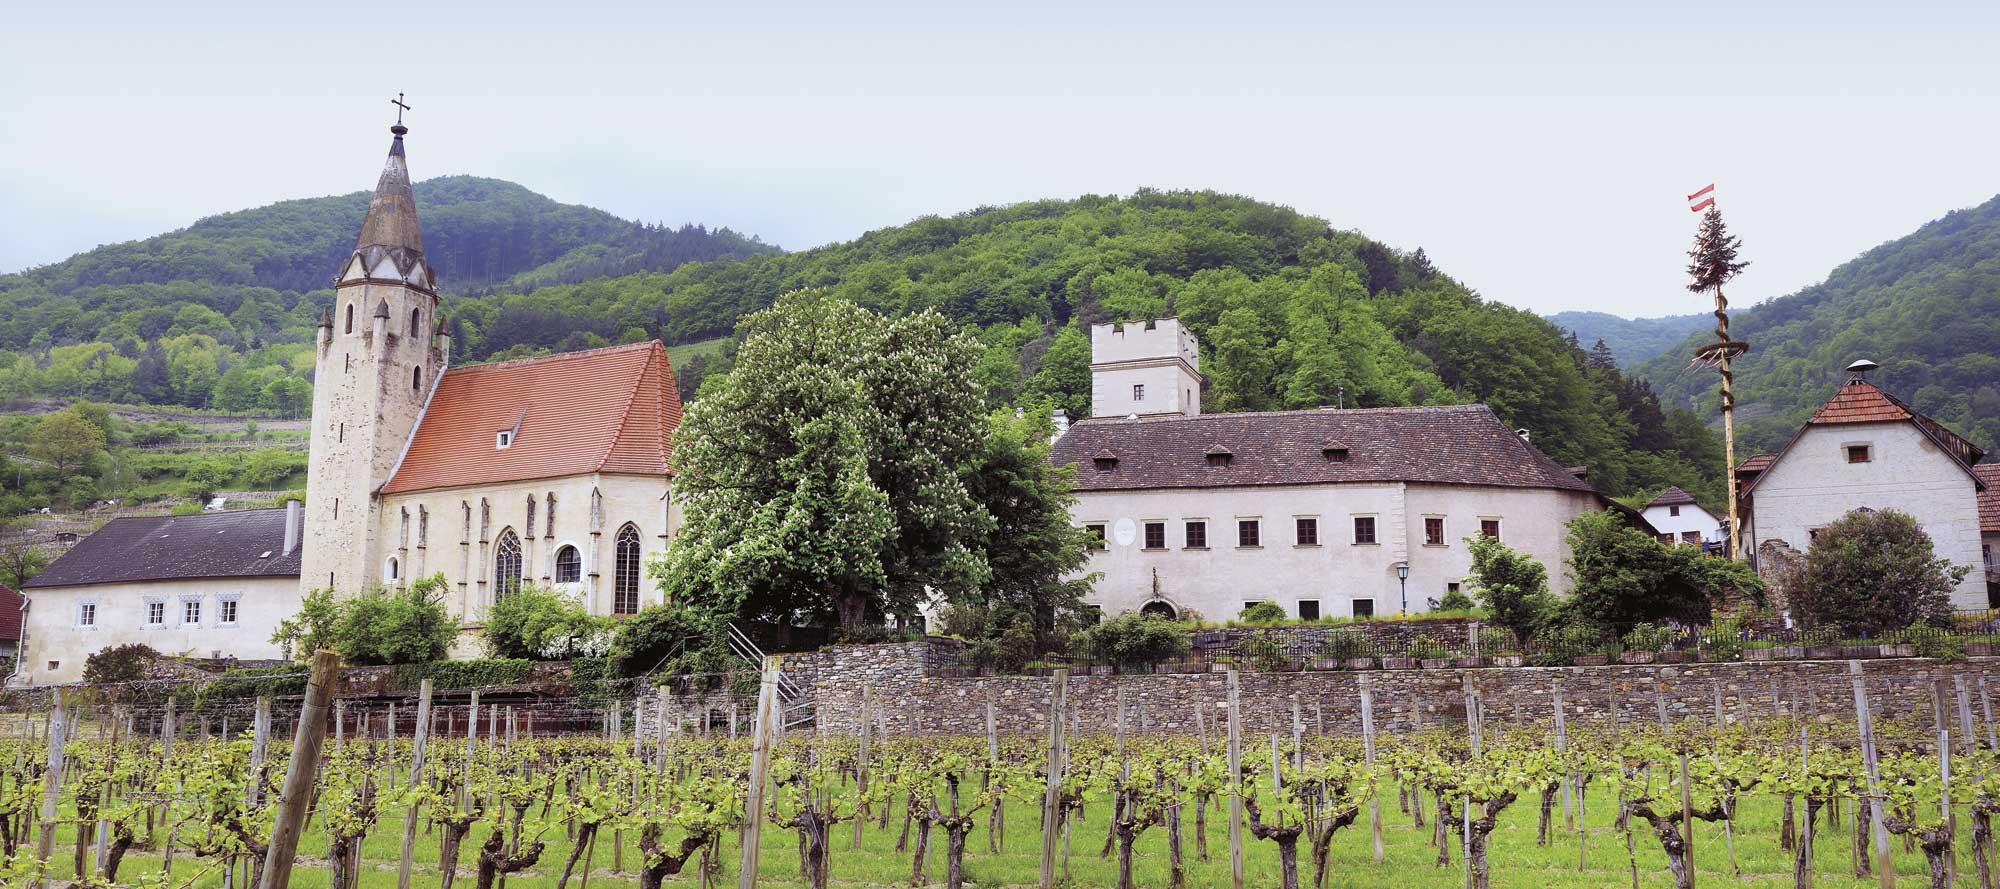 Schloss Schwallenbach, Sammlung Reinhold Hofstätter, Dorotheum Auktion am 12.09.2016